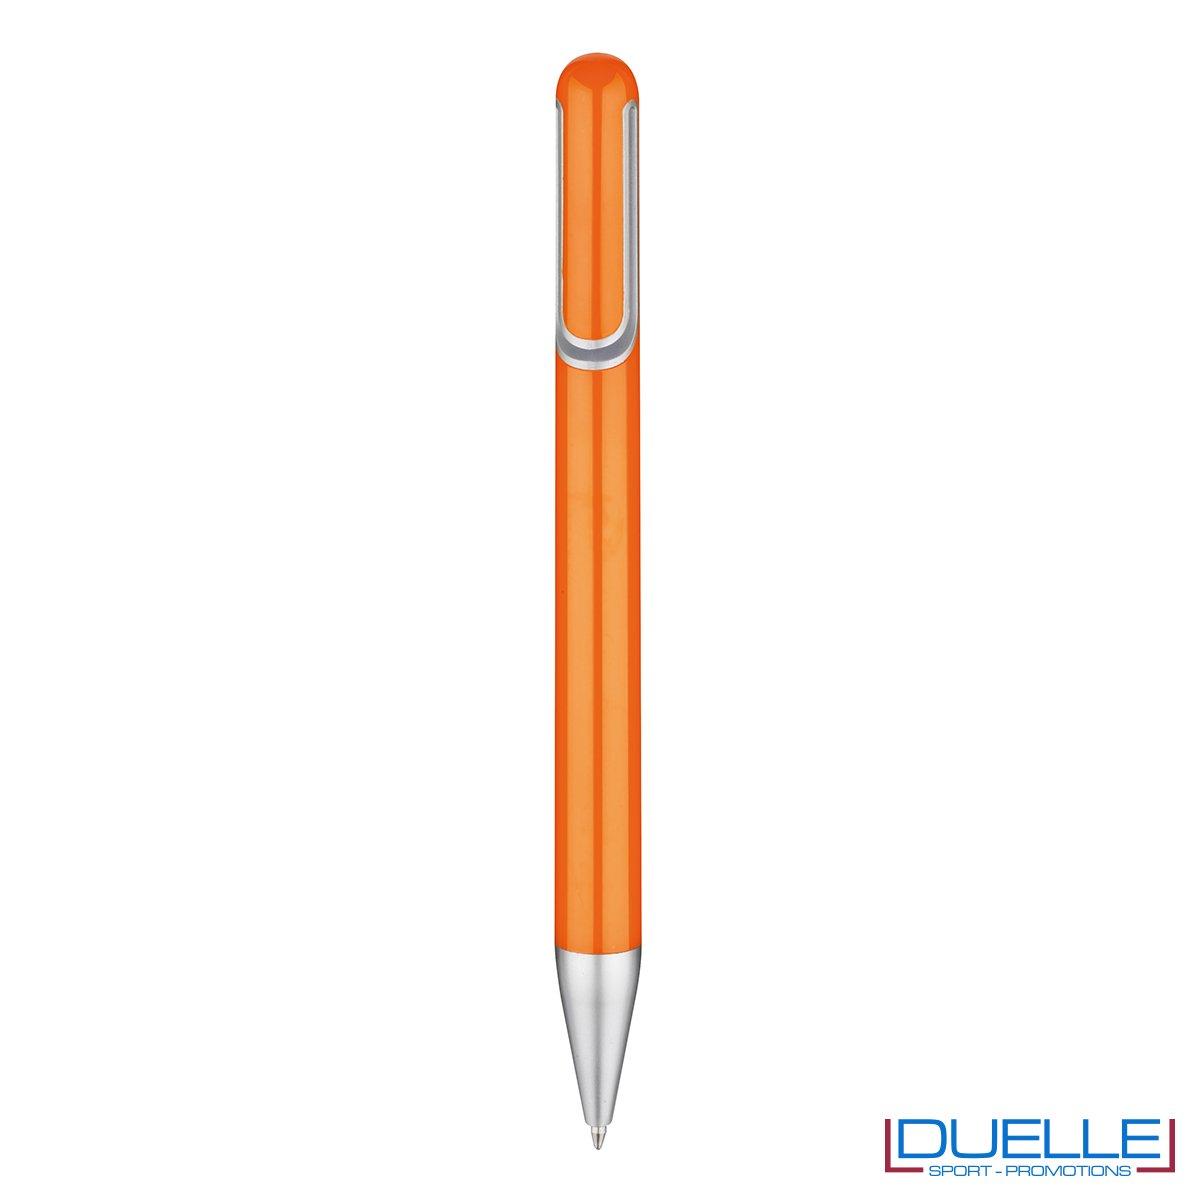 penna promozionale economica personalizzata in colore arancione, penne promozionali personalizzate arancione